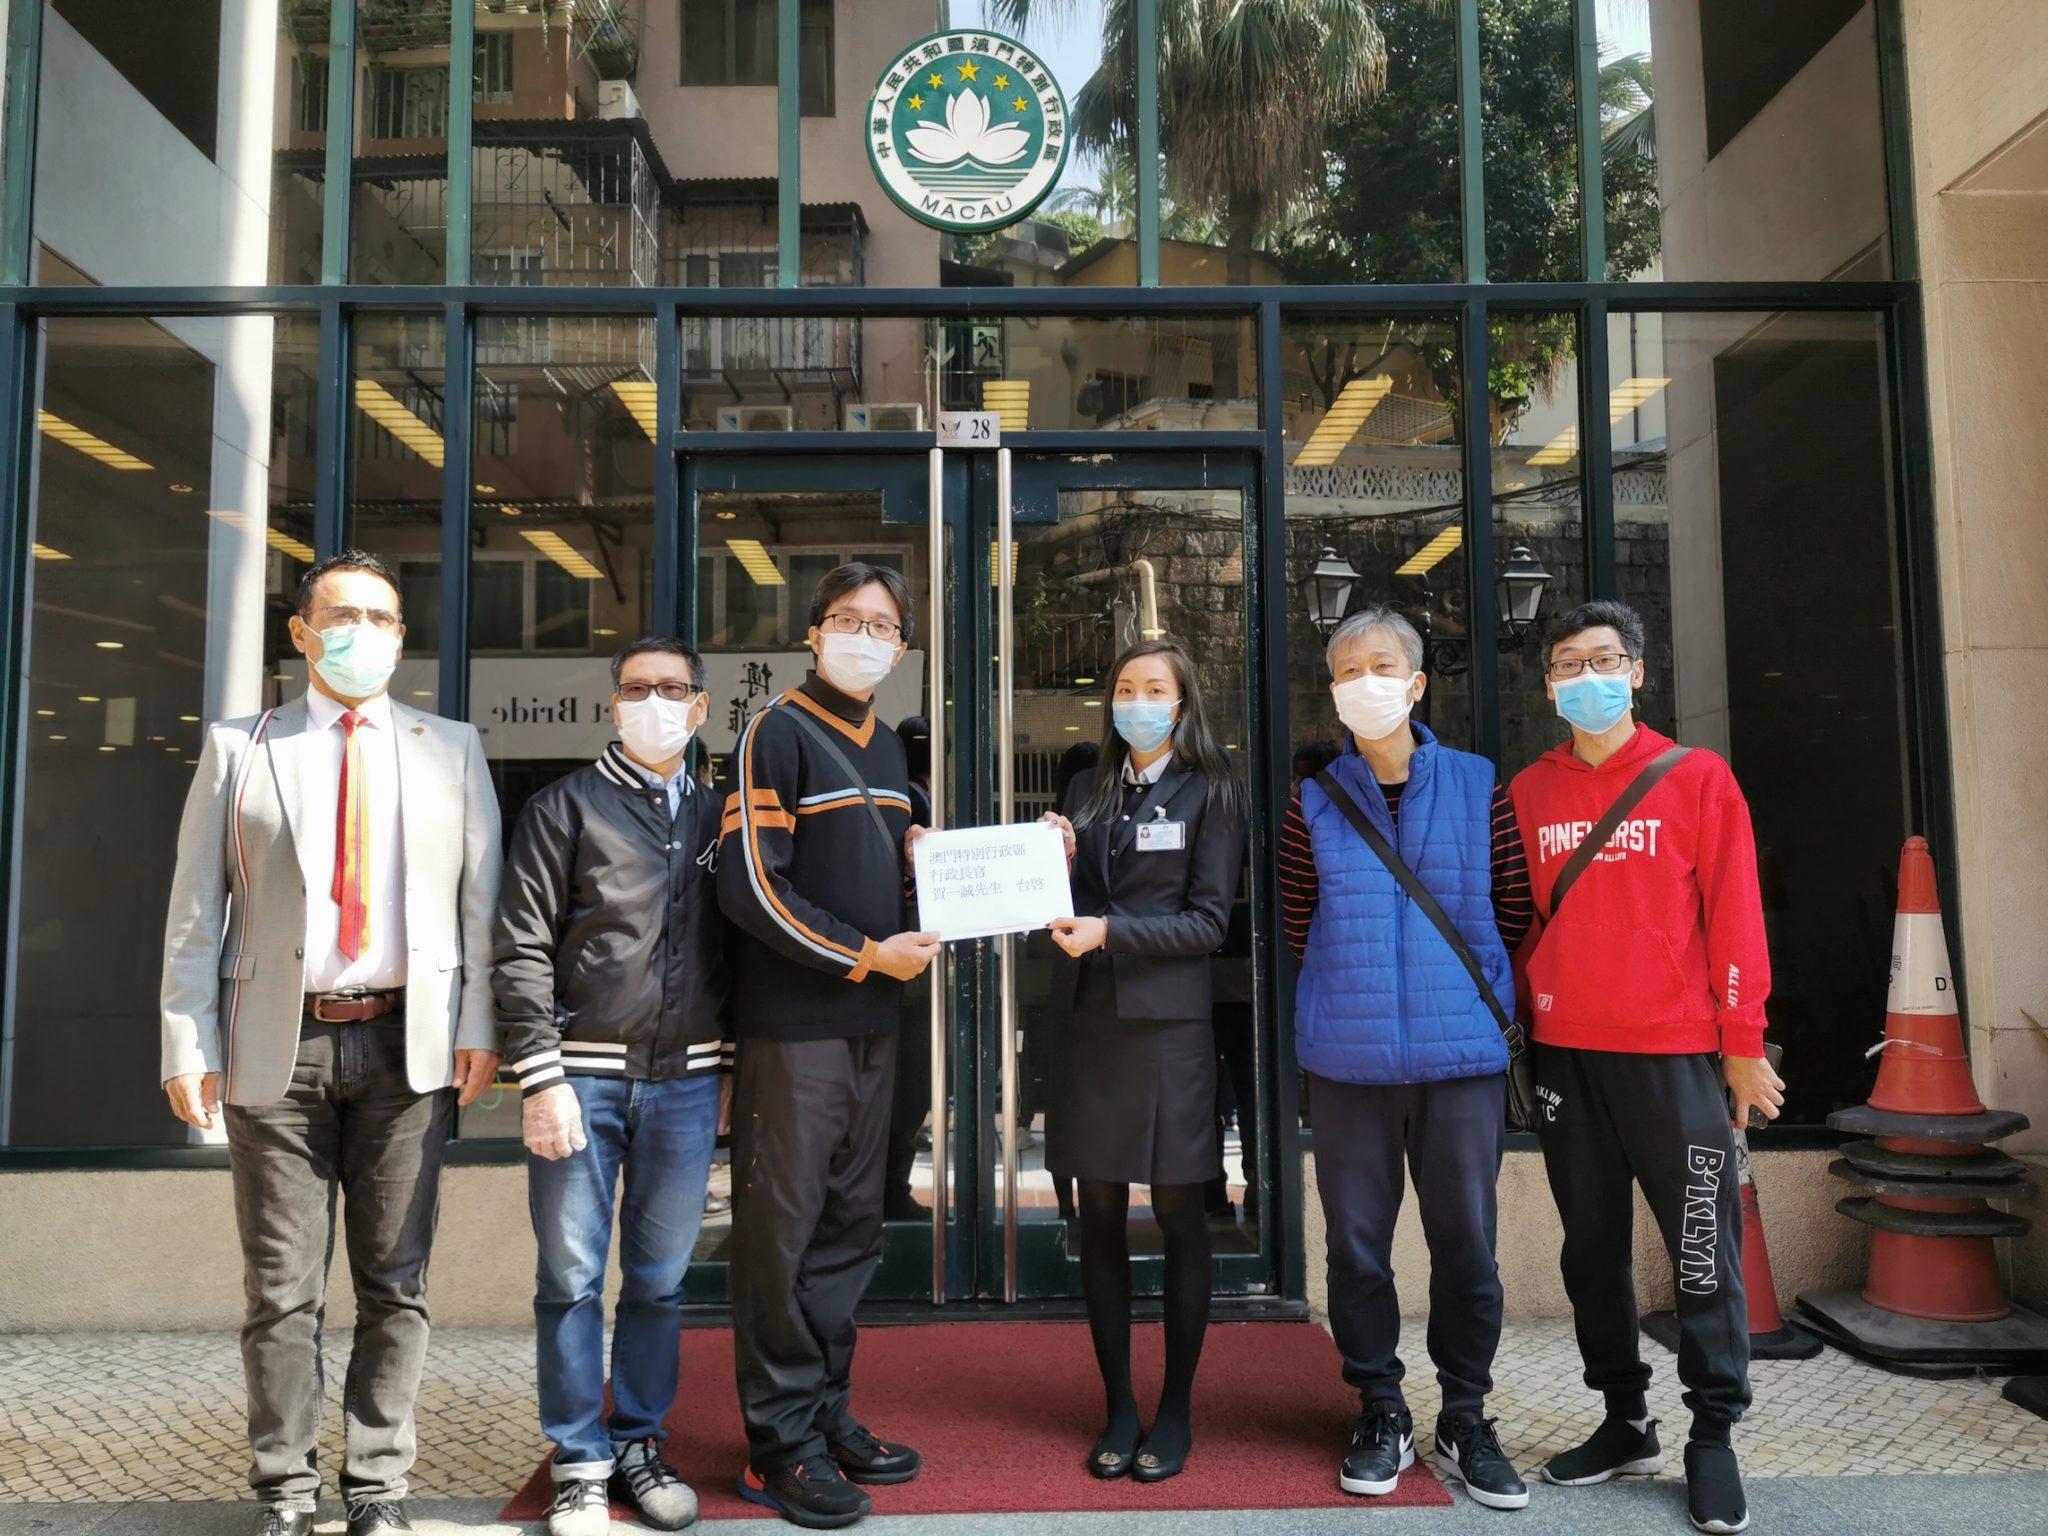 Táxis | Petição pede activação de fundos públicos para apoiar empresas